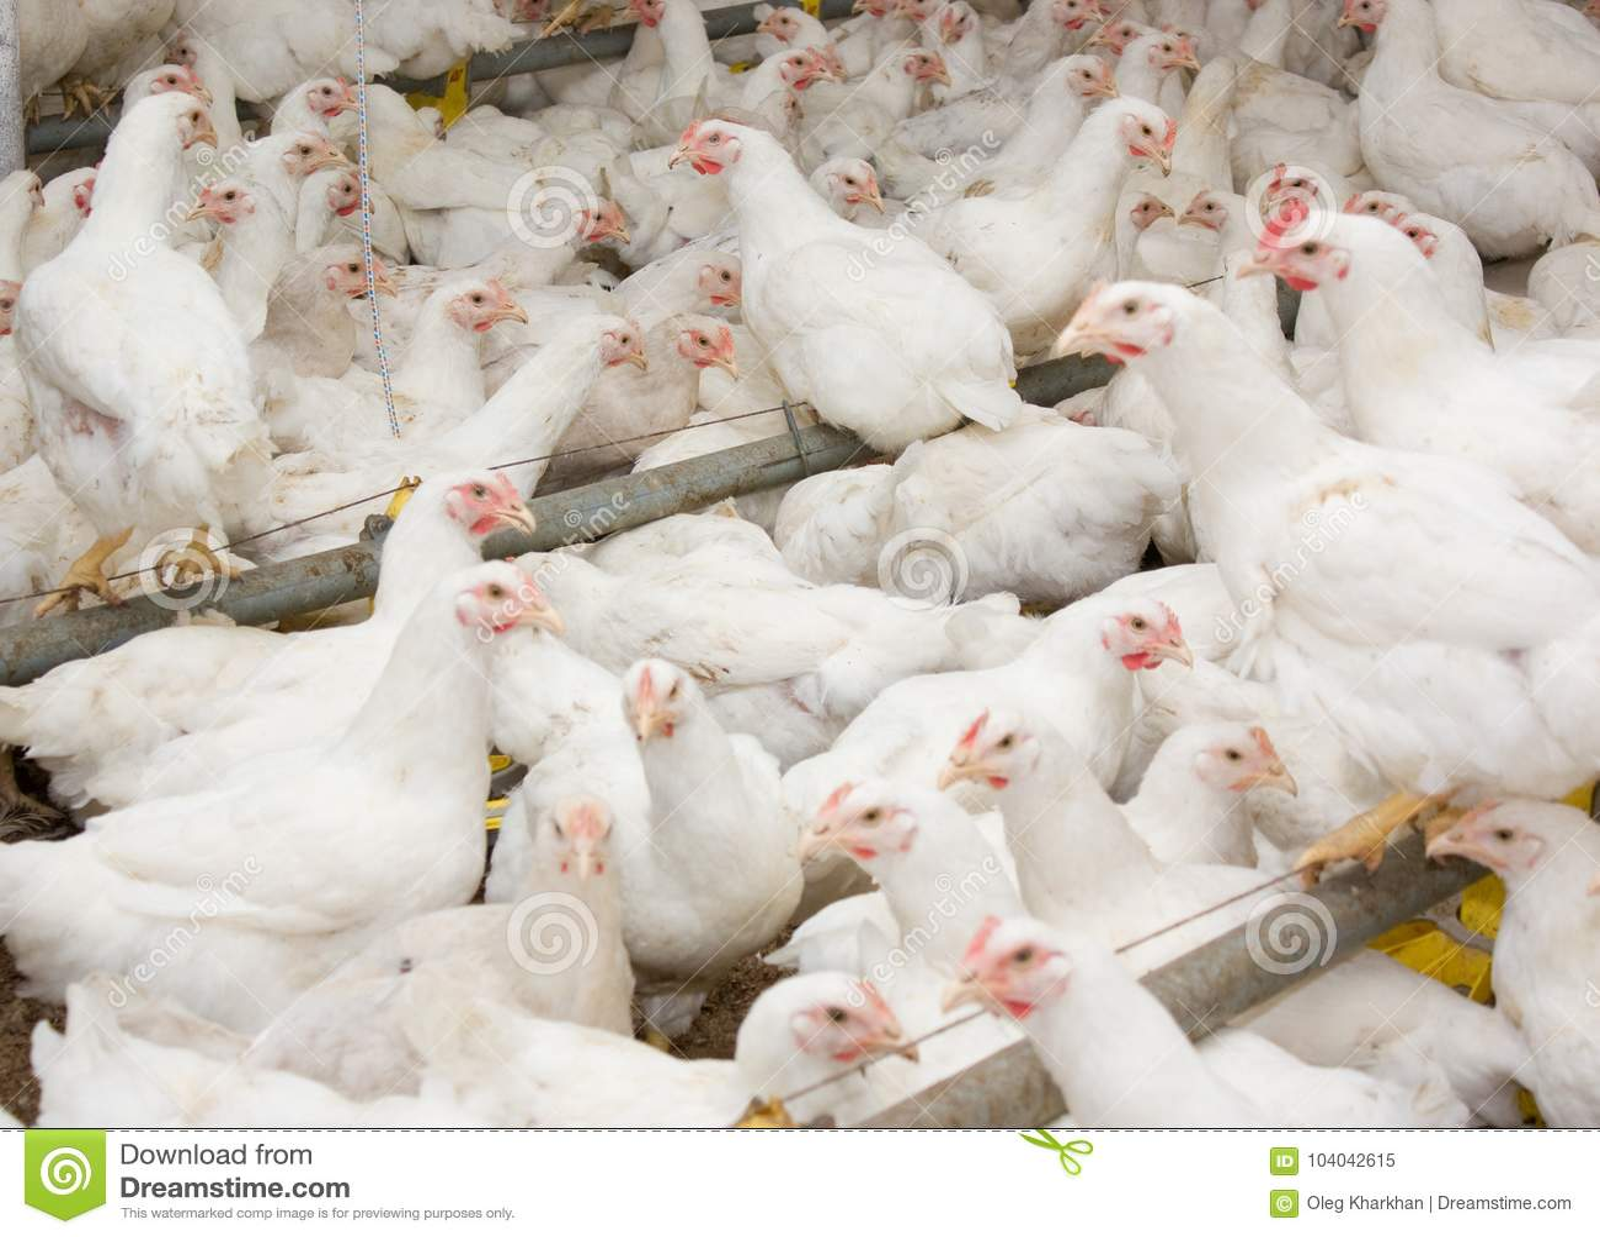 Poulets à rôtir blancs à la ferme avicole